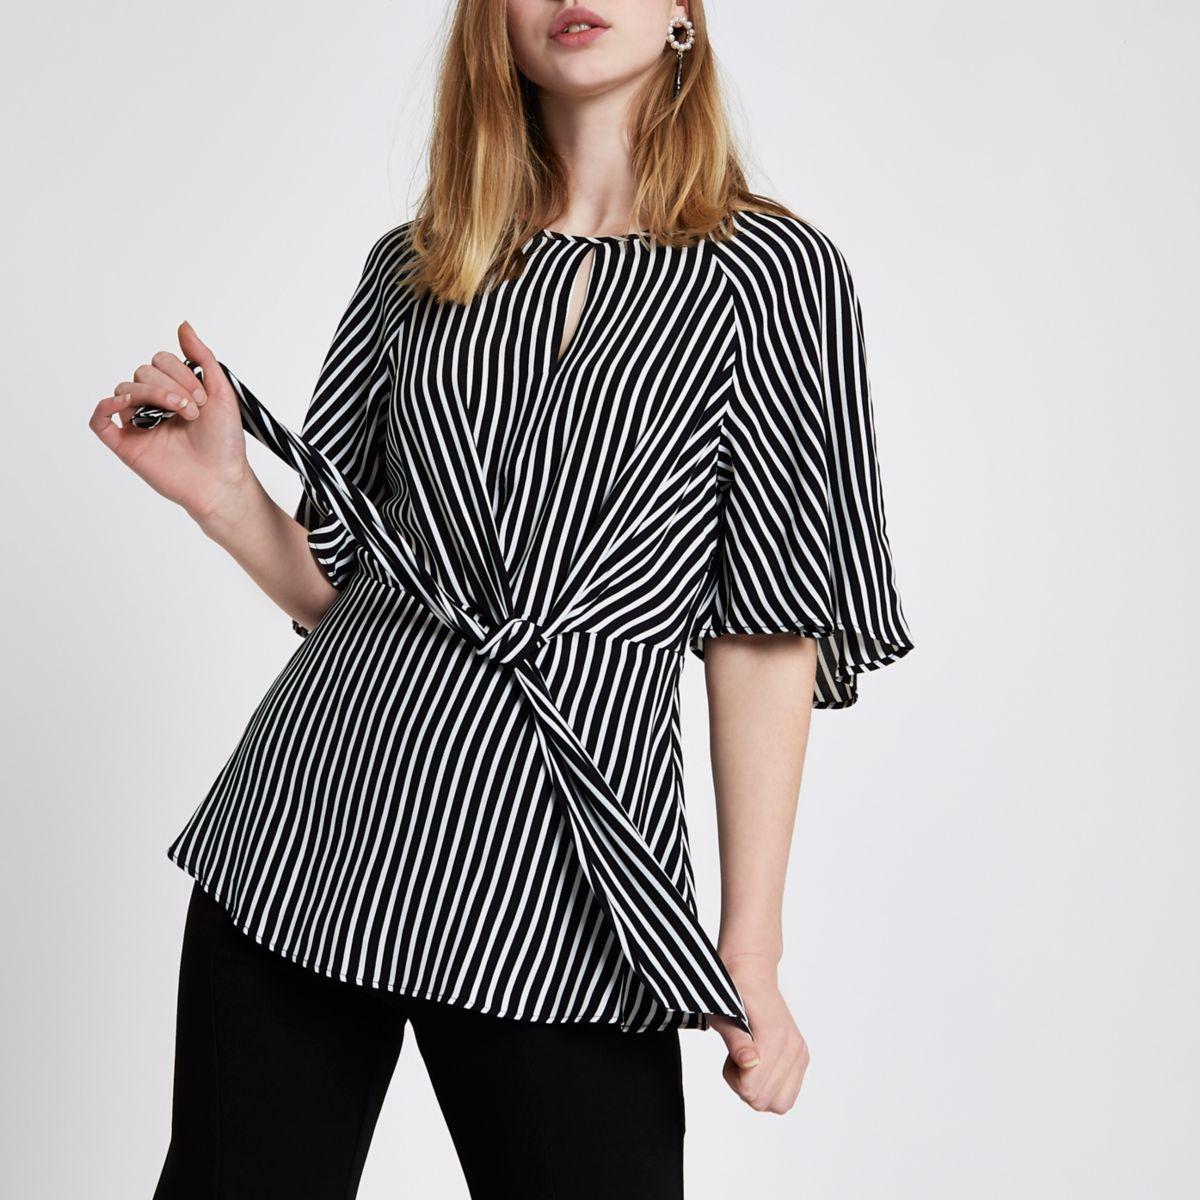 Schwarze, kurzärmlige Bluse mit Streifen